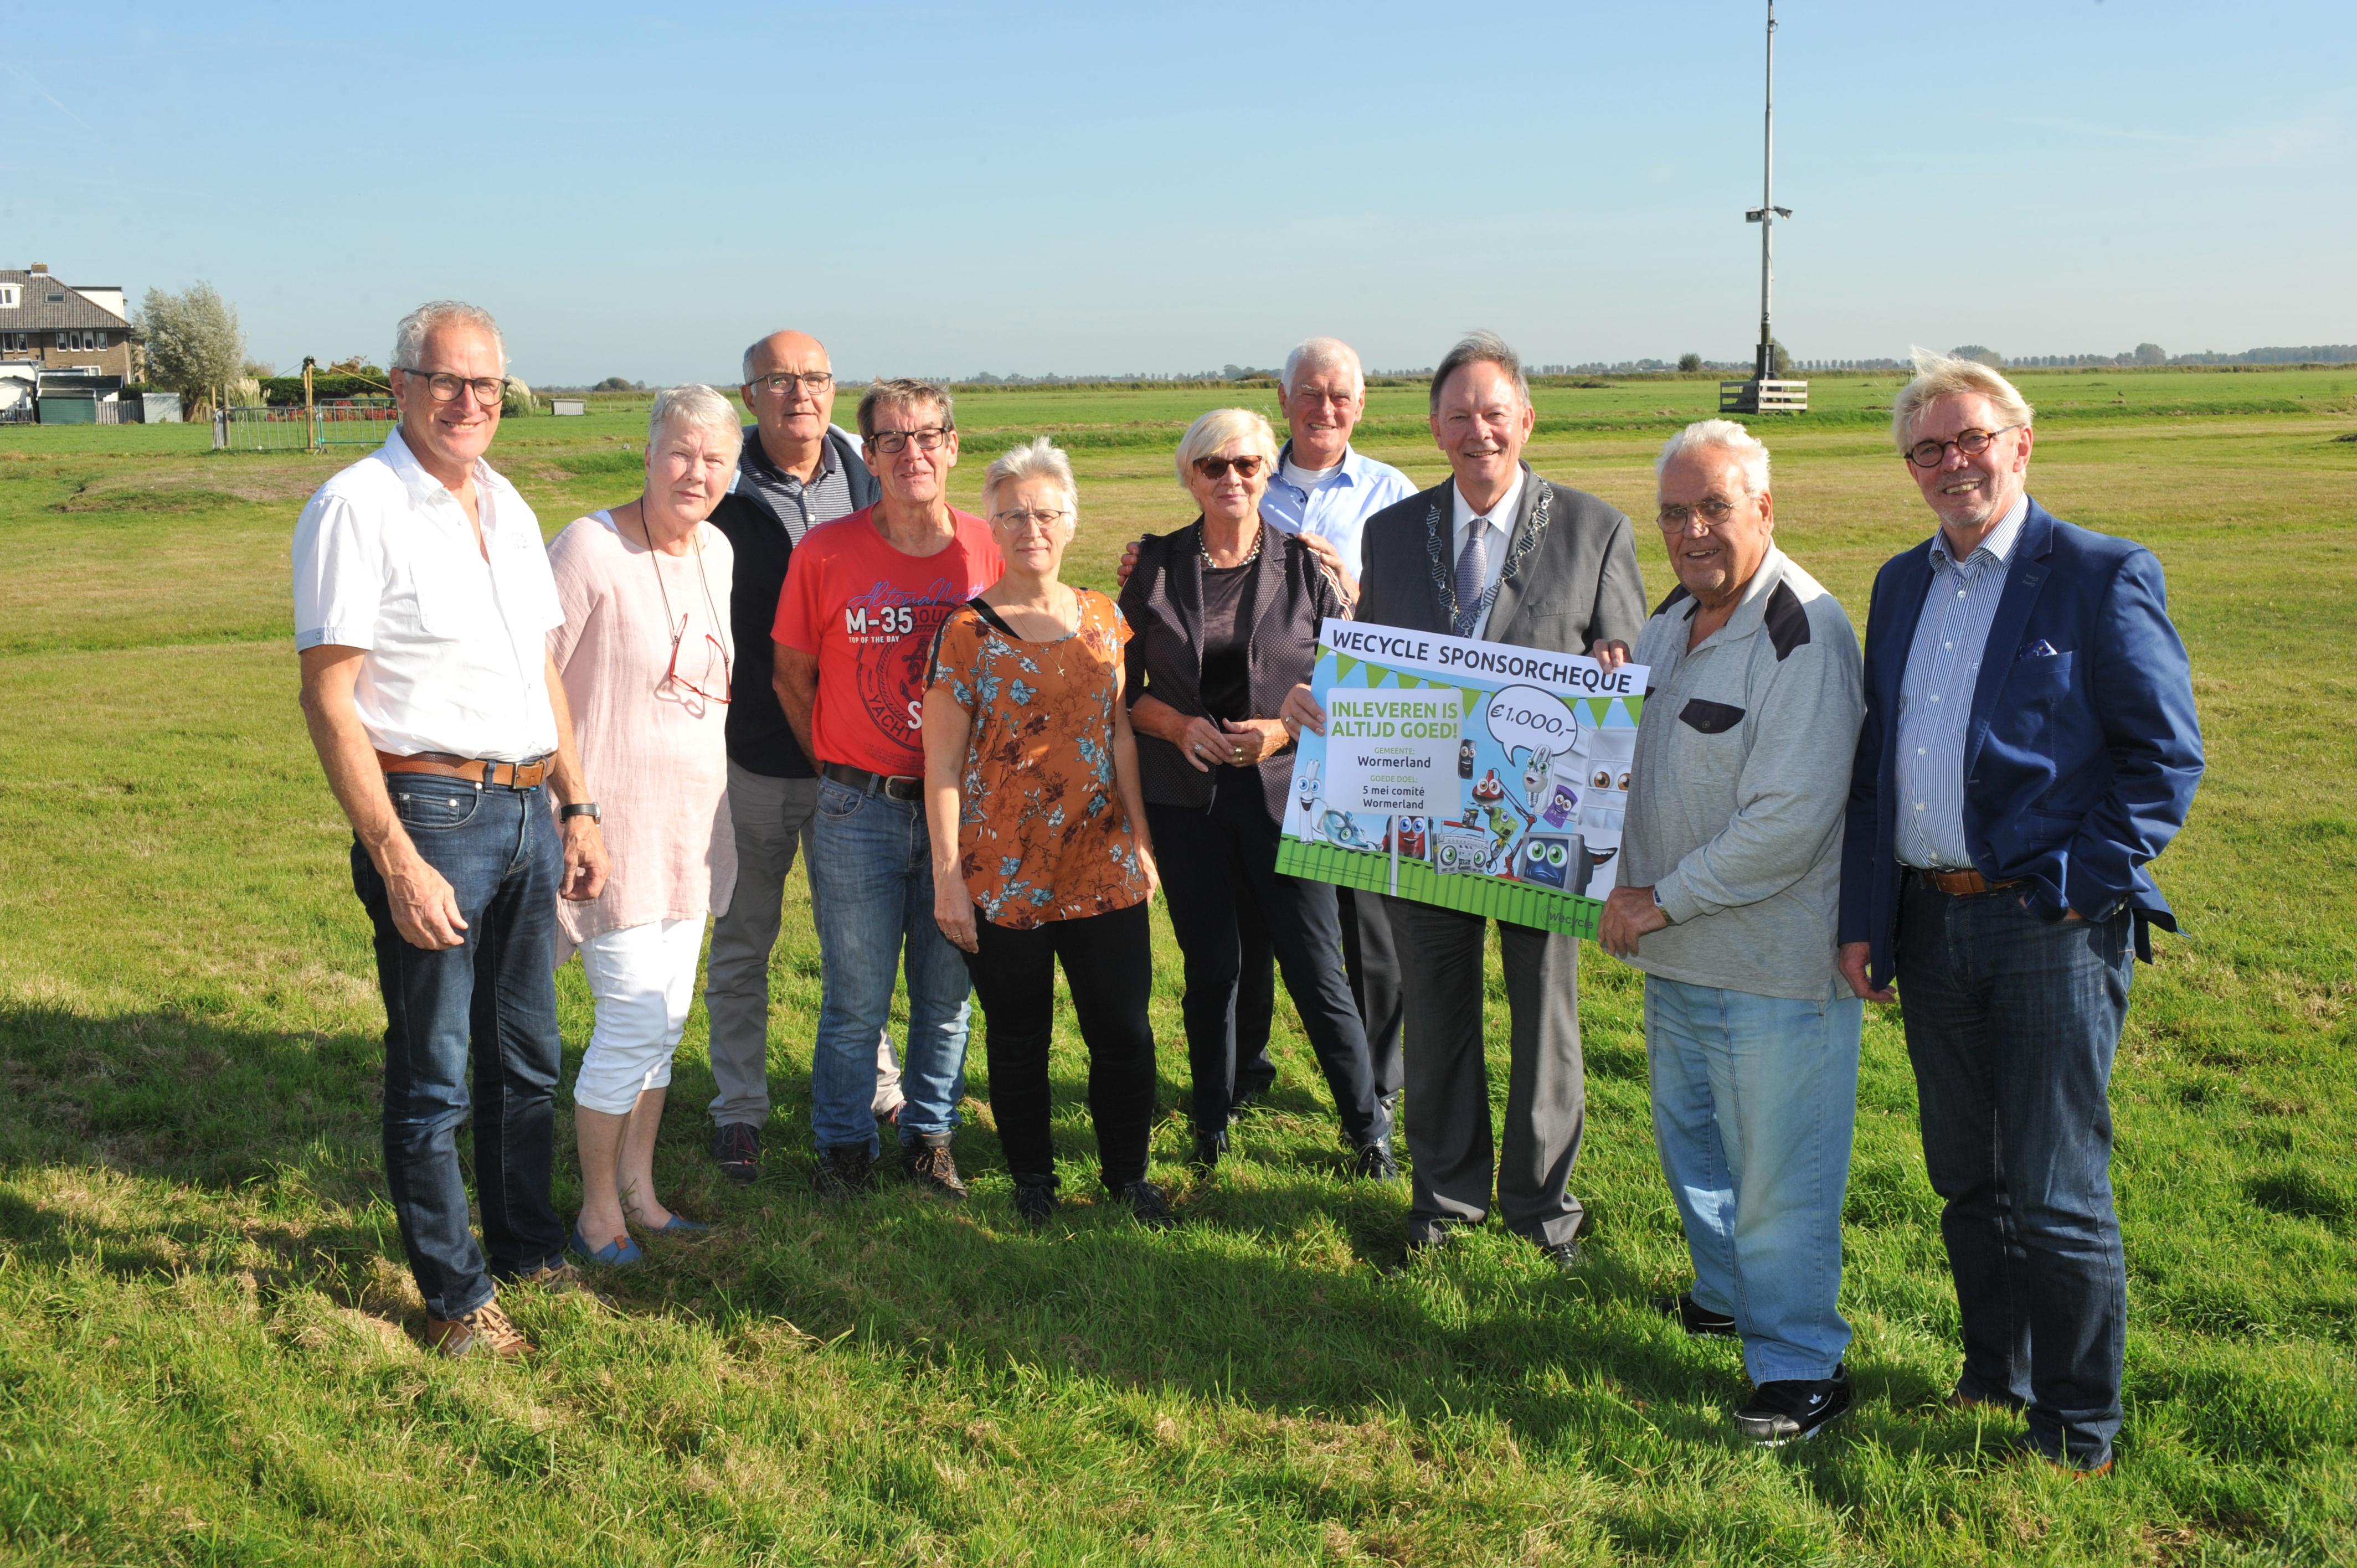 Het 5 mei comité organiseert onder andere de jaarlijkse Bannetocht, een 26 kilometer lange fiets- en wandeltocht door de vijf kernen van de gemeente Wormerland. (Foto: Gemeente Wormerland)